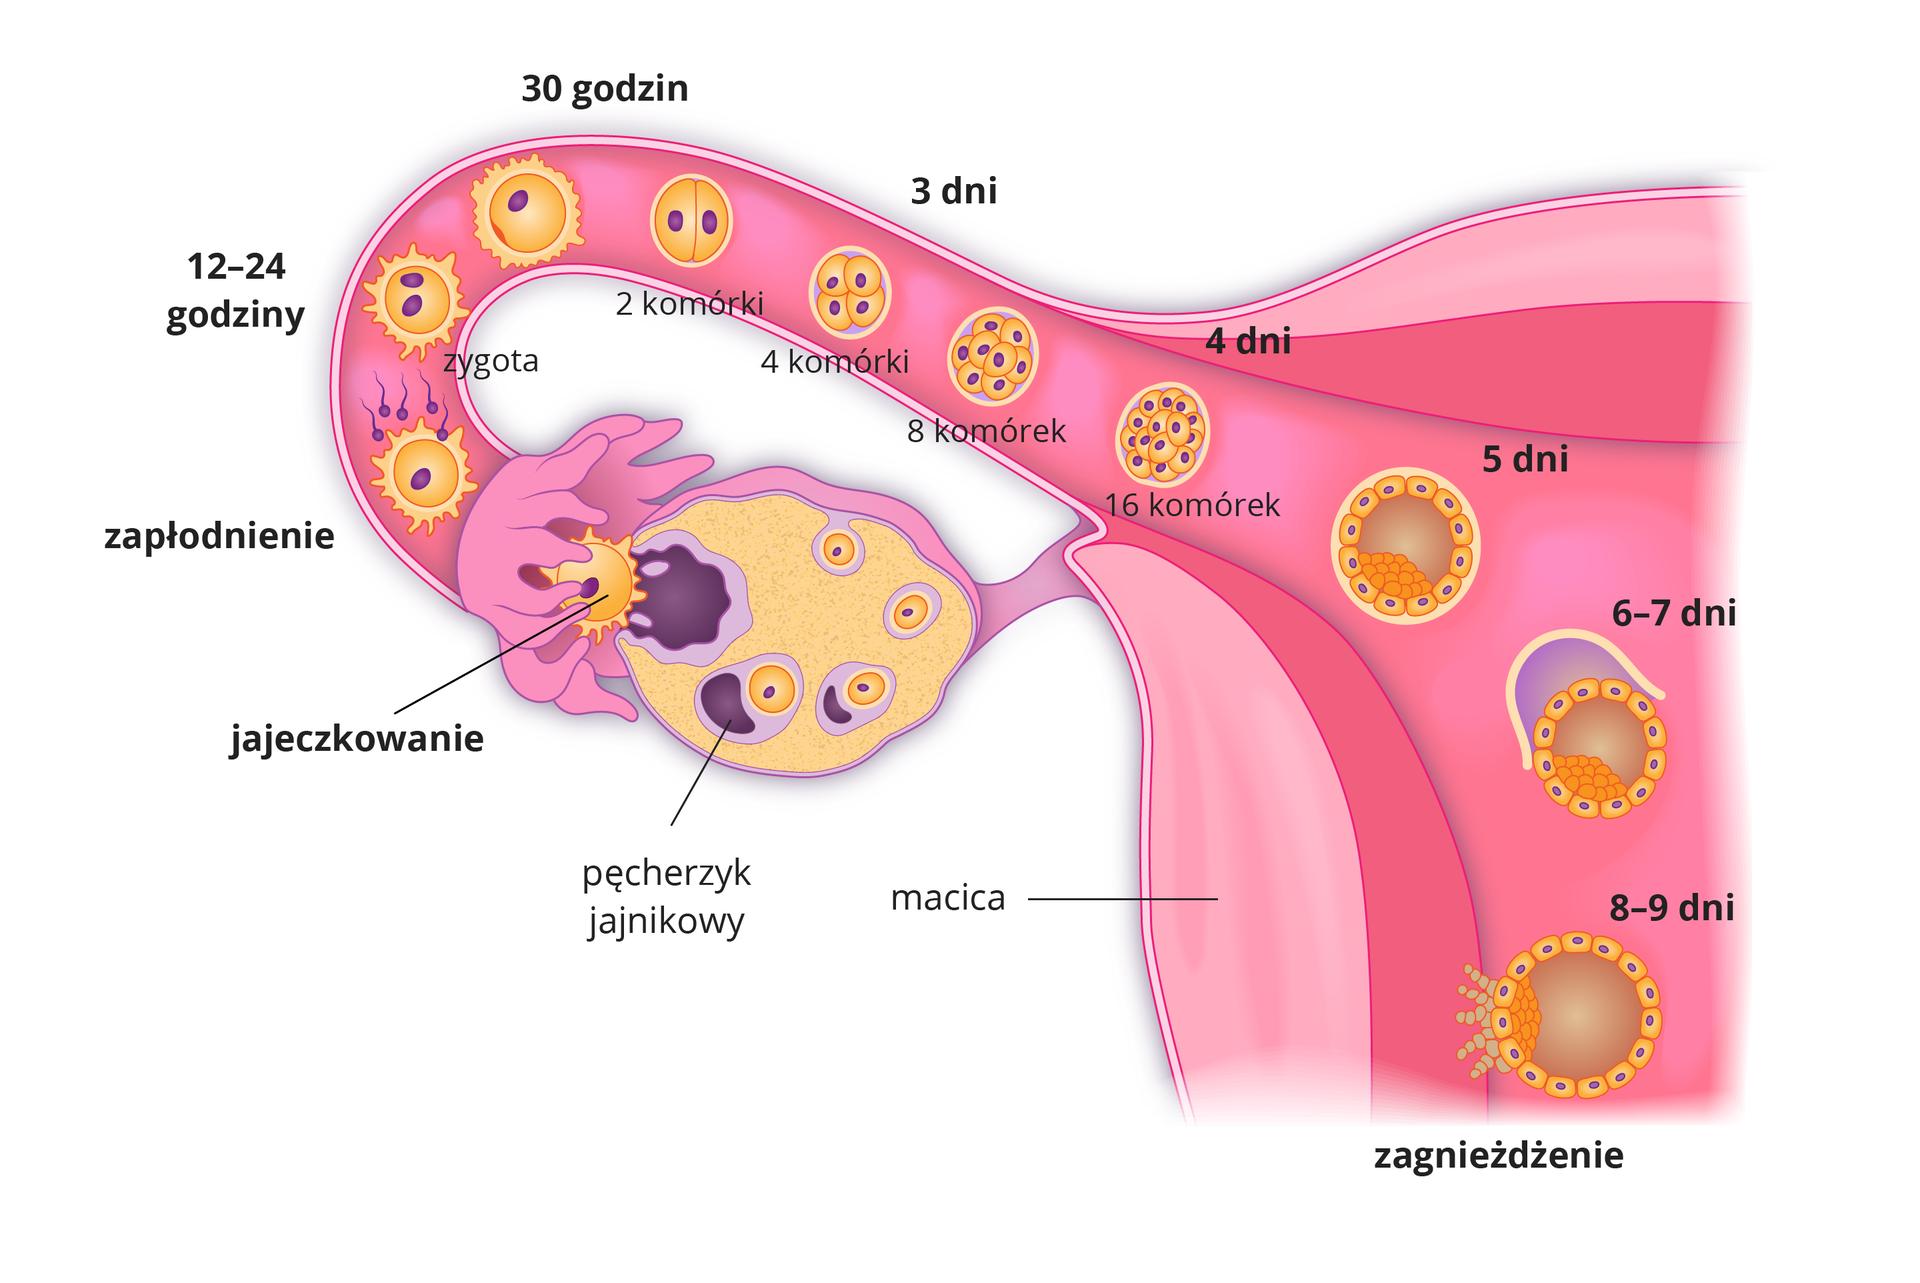 Ilustracja przedstawia etapy zagnieżdżania się zarodka wmacicy.Duży, różowy trójkątny kształt to macica. Po jej lewej na dole żółty jajnik. Wnim dojrzewają komórki jajowe. Nieregularny kształt to pęcherzyk jajnikowy, który pęka iuwalnia żółtą komórkę jajową (jajeczkowanie). Jajo wpada do jajowodu, przedstawionego jako różowa tuba zwypustkami. Wjajowodzie do jaja docierają fioletowe plemniki inastępuje zapłodnienie. Po dobie powstaje zygota, która po trzydziestu godzinach zaczyna się intensywnie dzielić, tworząc wielokomórkowy zarodek. Wtym czasie trwa pięciodniowa wędrówka zarodka wkierunku macicy. Zarodek opuszczający jajowód ma postać pęcherzyka, złożonego zdużej liczby komórek. Około siódmego dnia życia zagnieżdża się wgrubej ciemnoróżowej błonie śluzowej macicy.